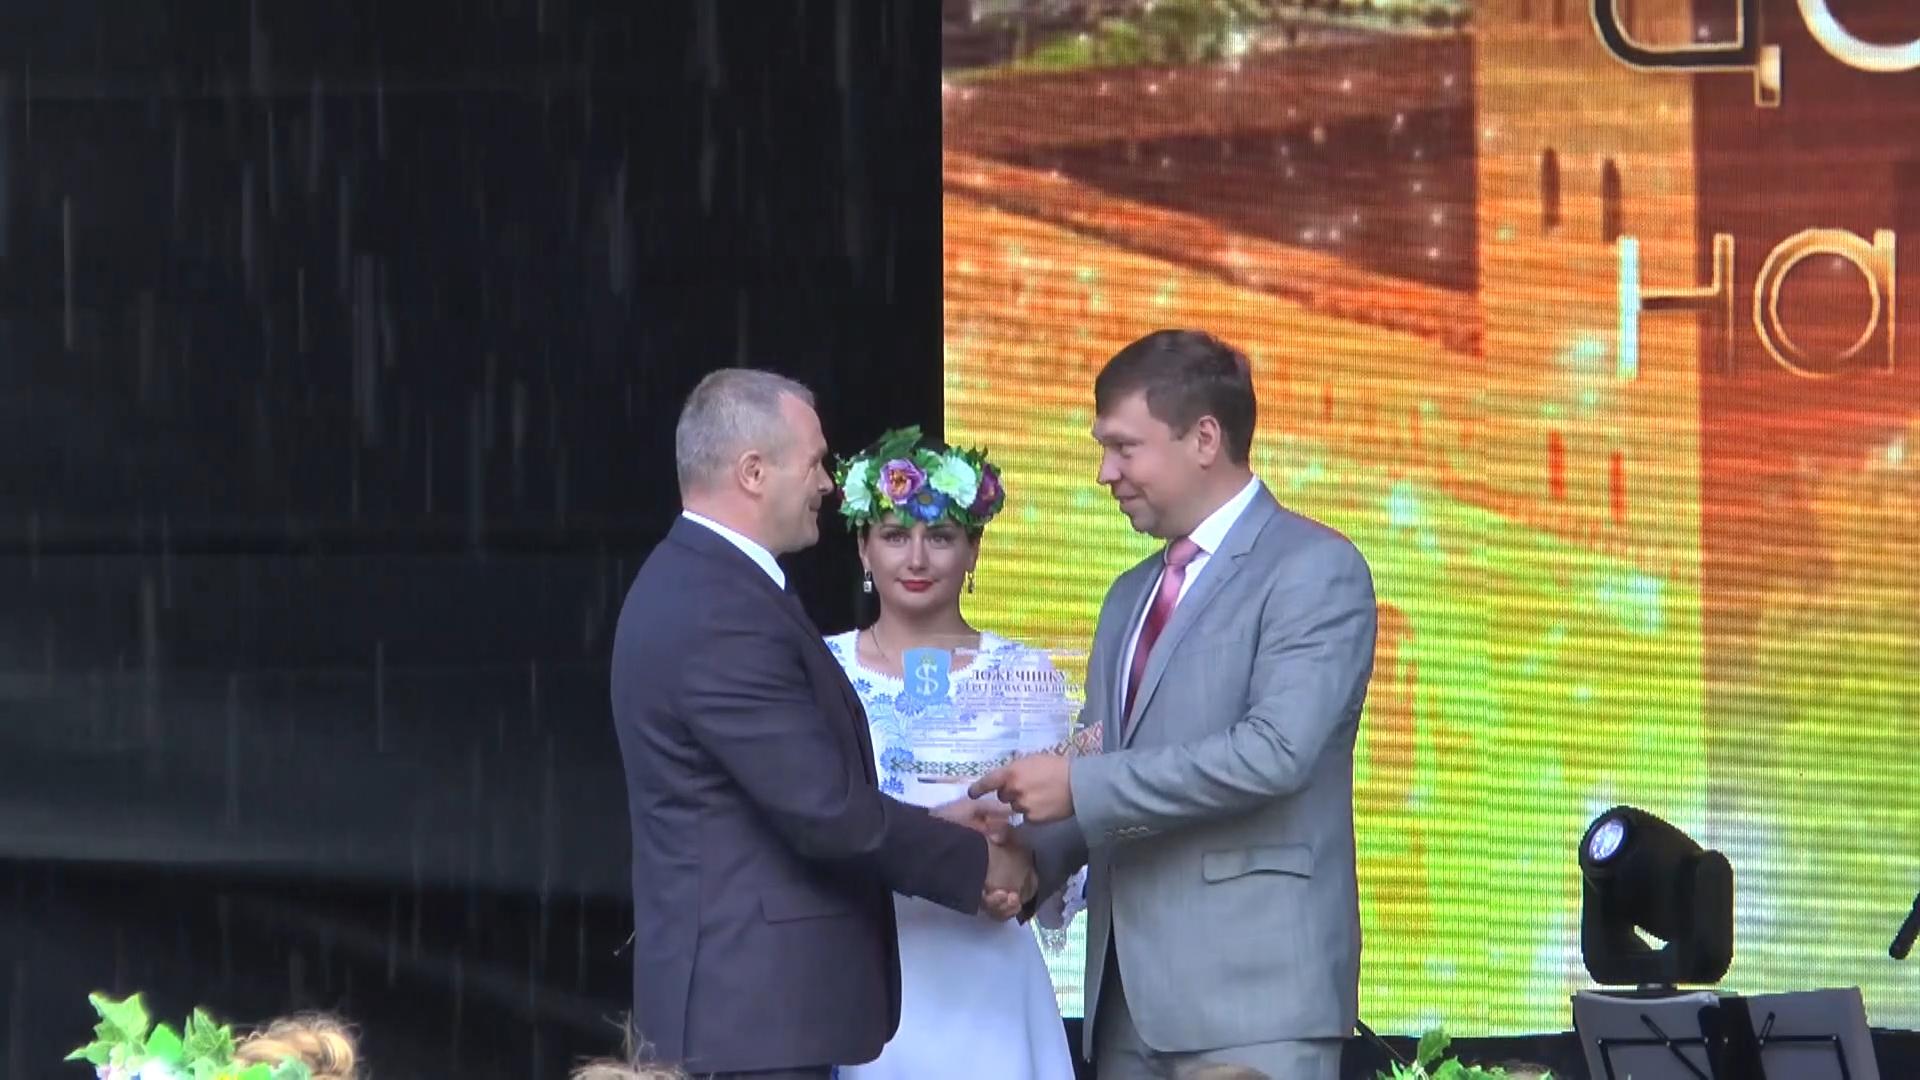 Главе Лидского района Сергею Ложечнику присвоено звание «Почетный гражданин города Щучин».